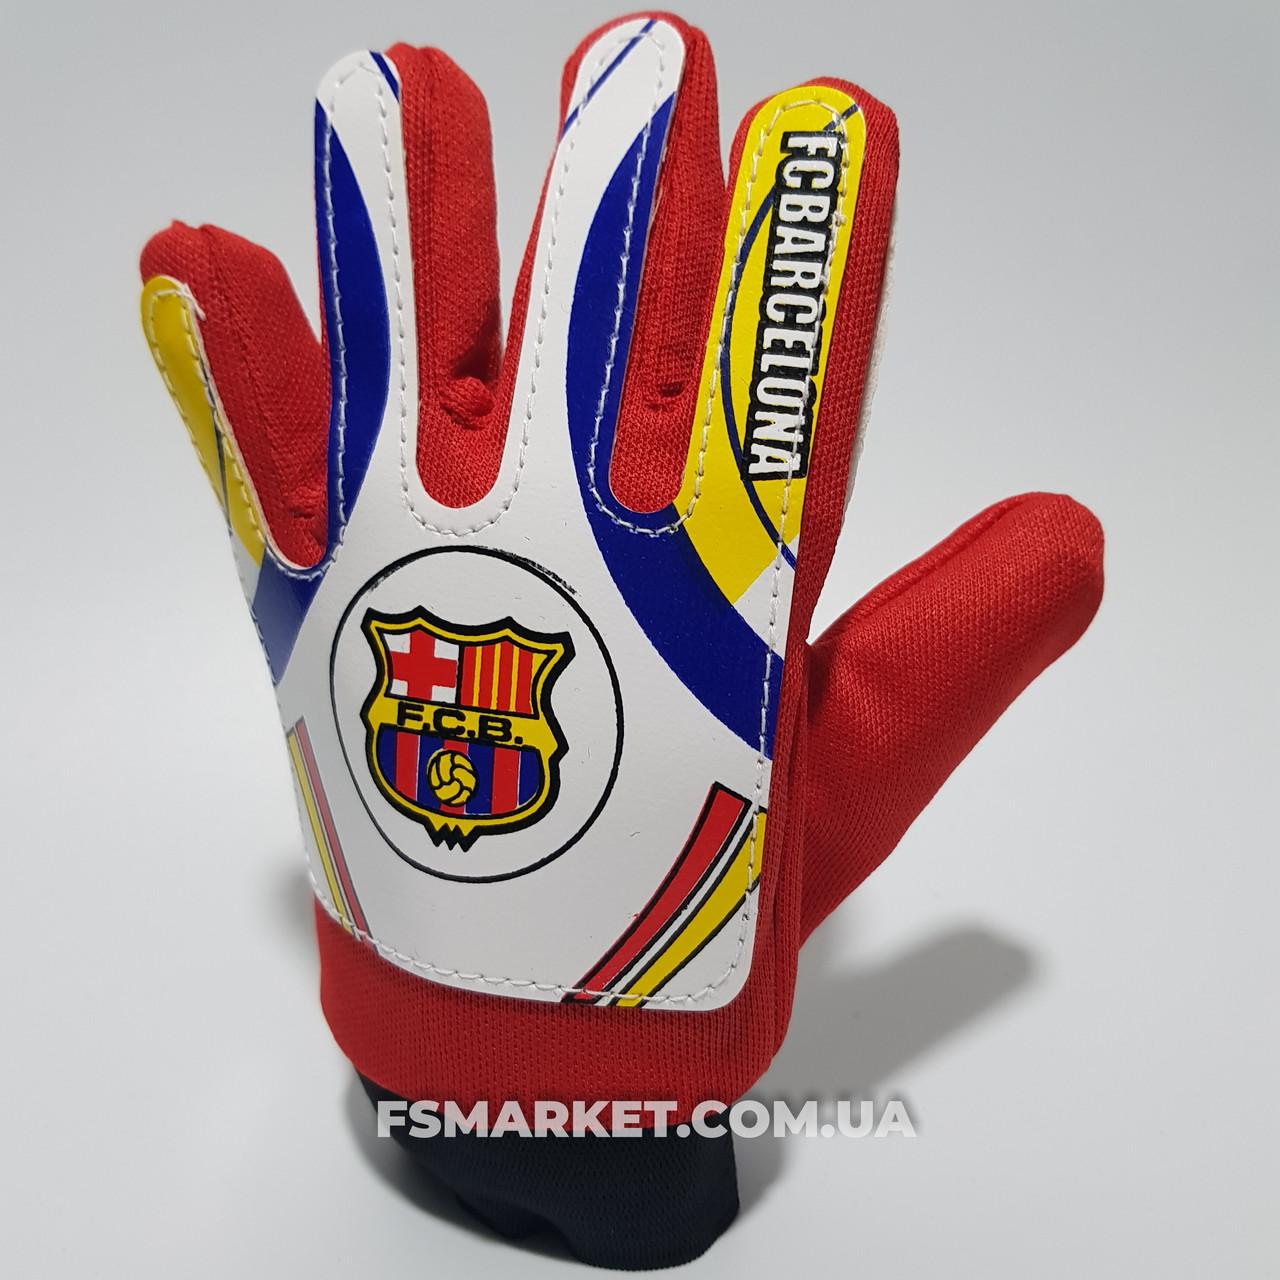 Перчатки вратарские юниорские Барселона